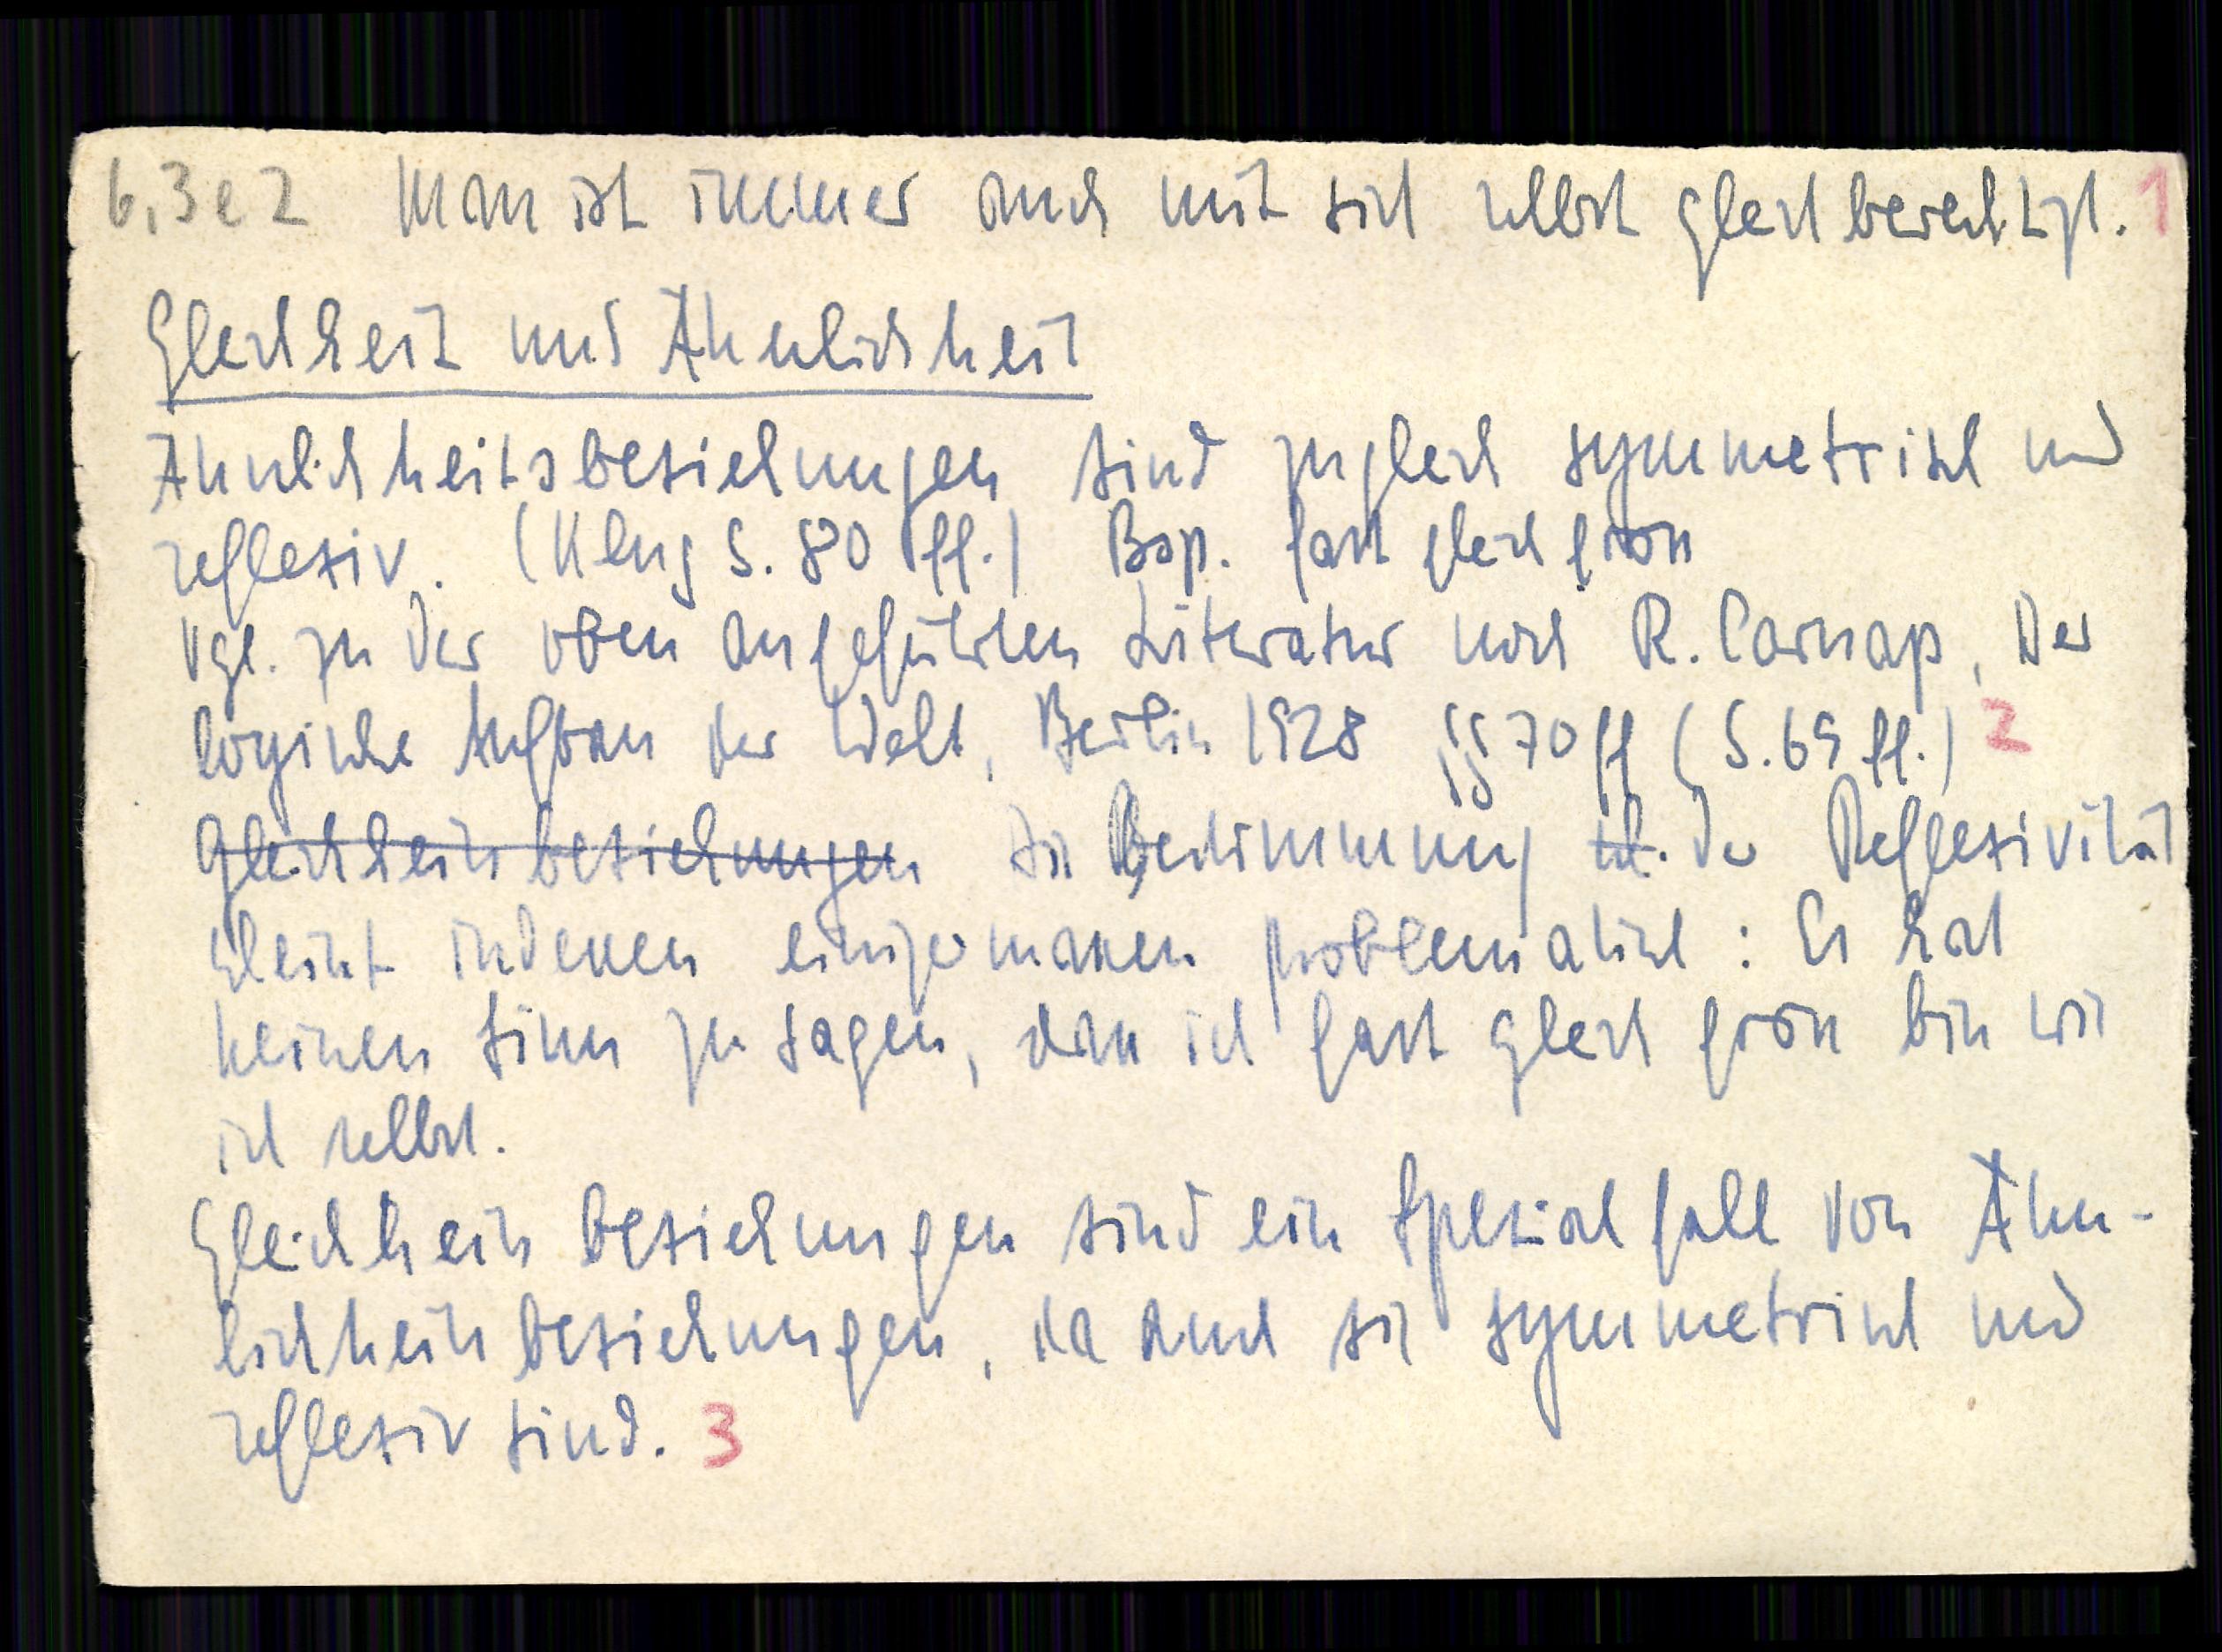 Чаще всего Луман добавлял только одну карточку-примечание, но были и исключения, как эта заметка